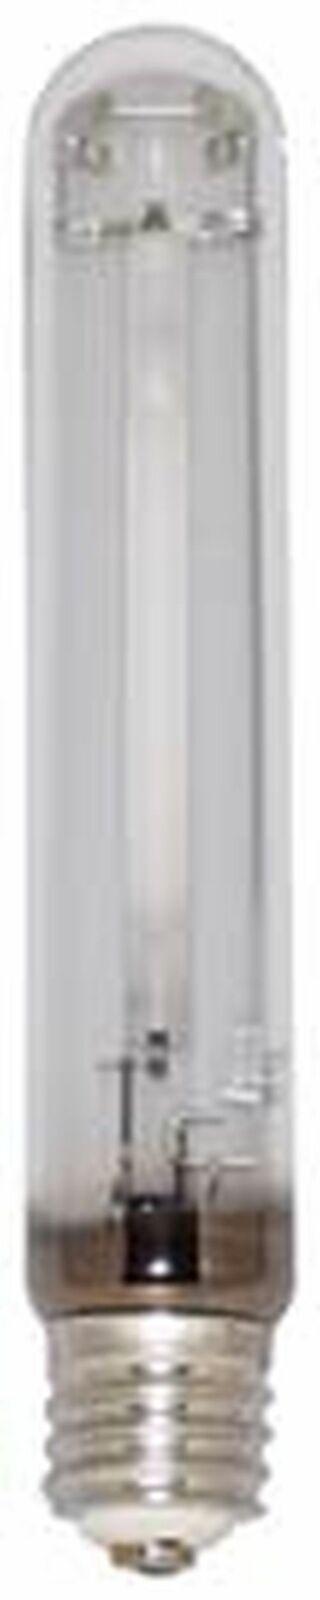 Lámpara de Repuesto para Foco de Luz Lámpara LU430-planta 430W